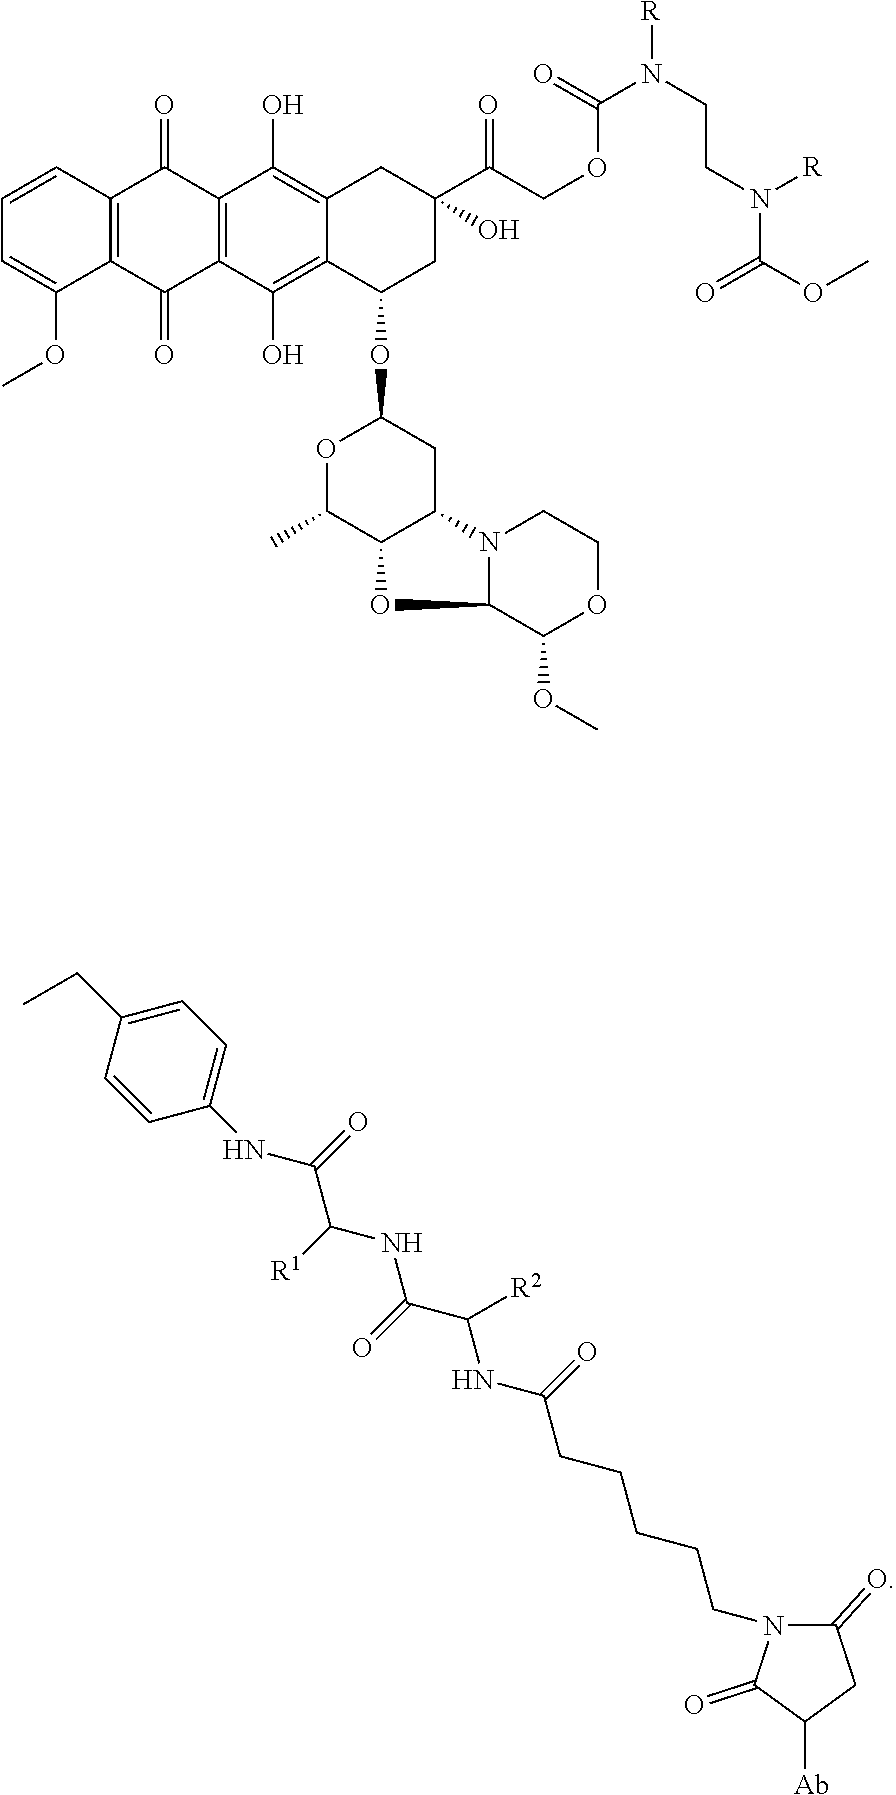 Figure US09695240-20170704-C00116